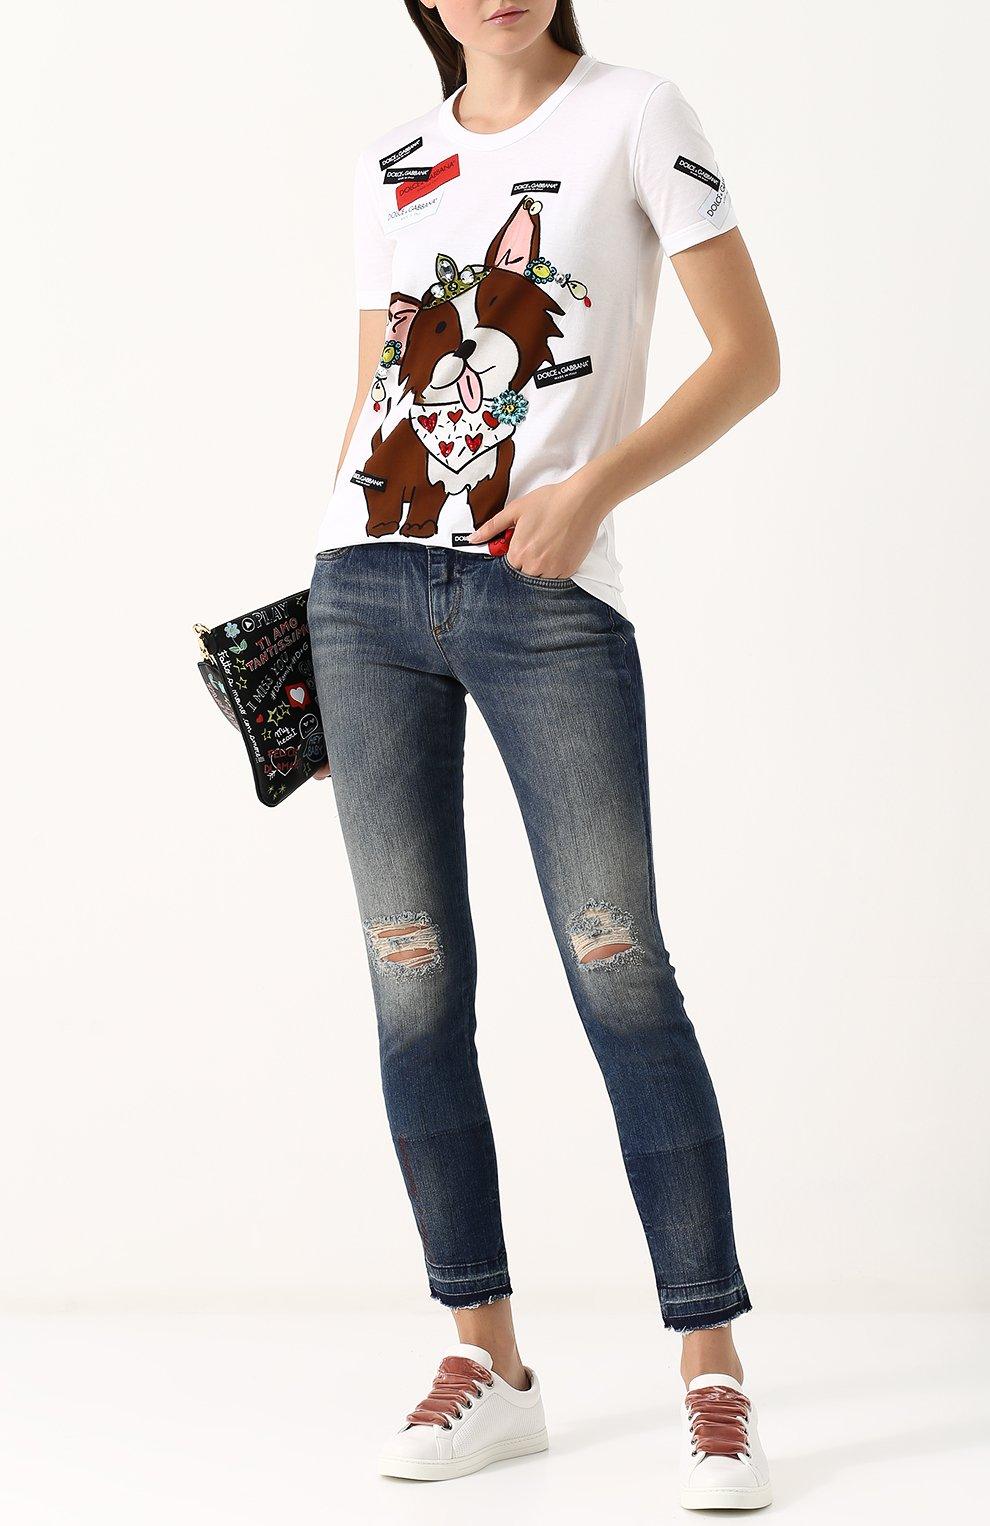 de1052f47070 Женские белые кожаные кеды stripy с логотипом бренда на шнуровке ...